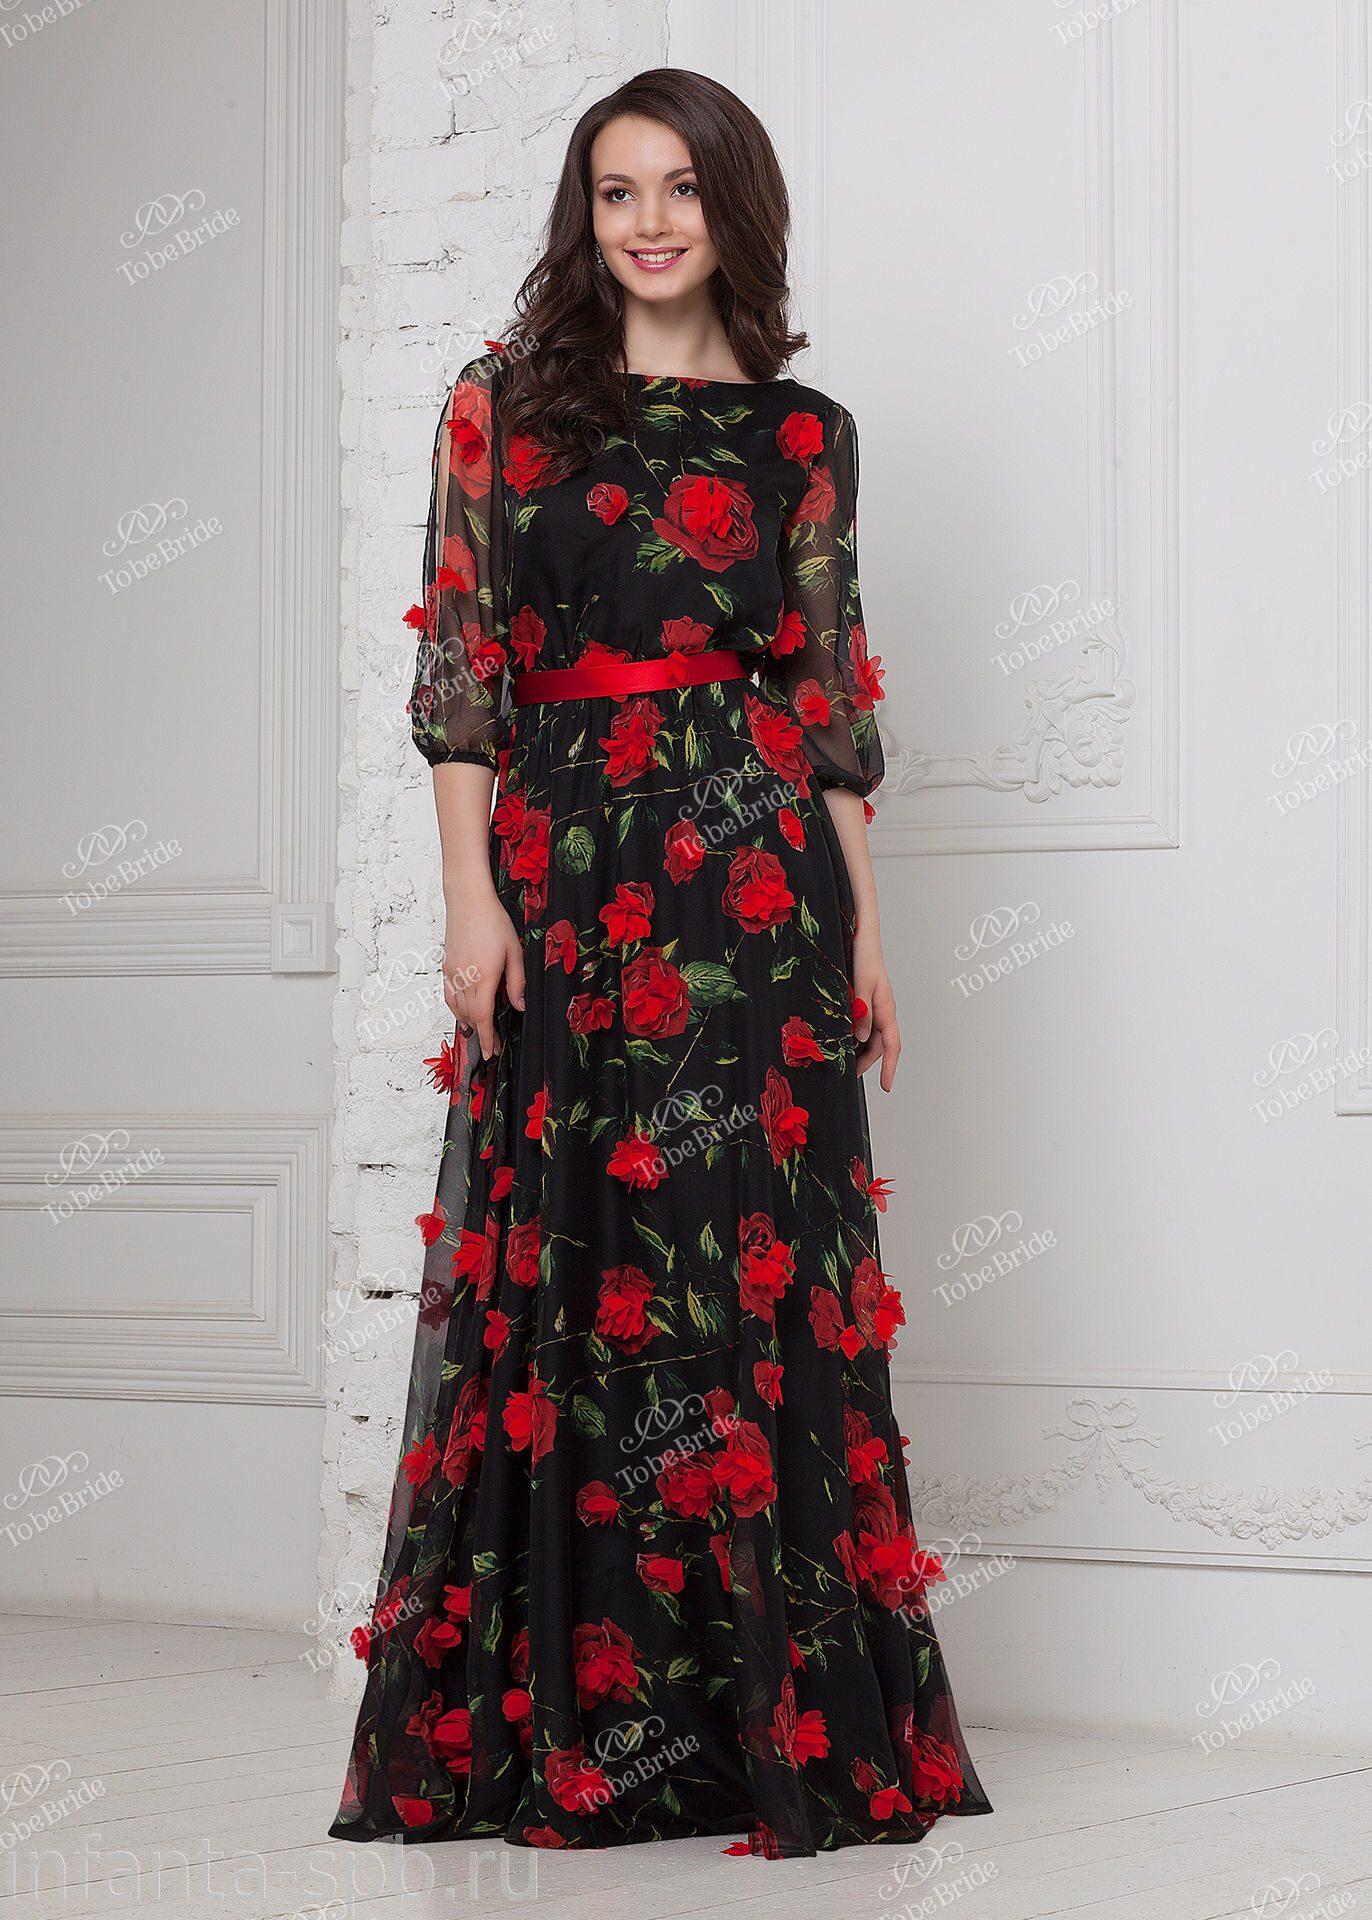 Вечернее платье с цветком фото